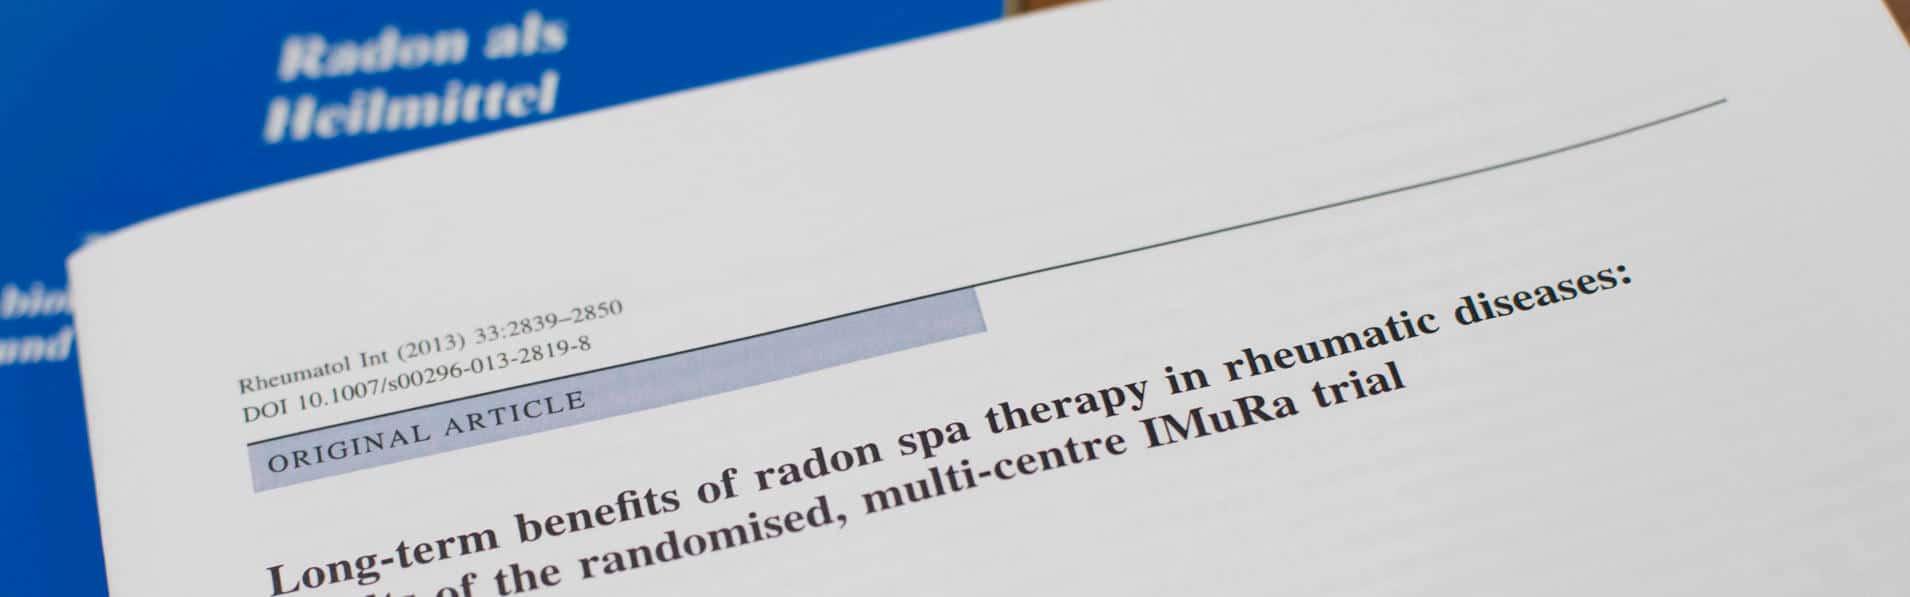 Studien zur Radontherapie bei Rheumatischen Erkrankungen_Imura